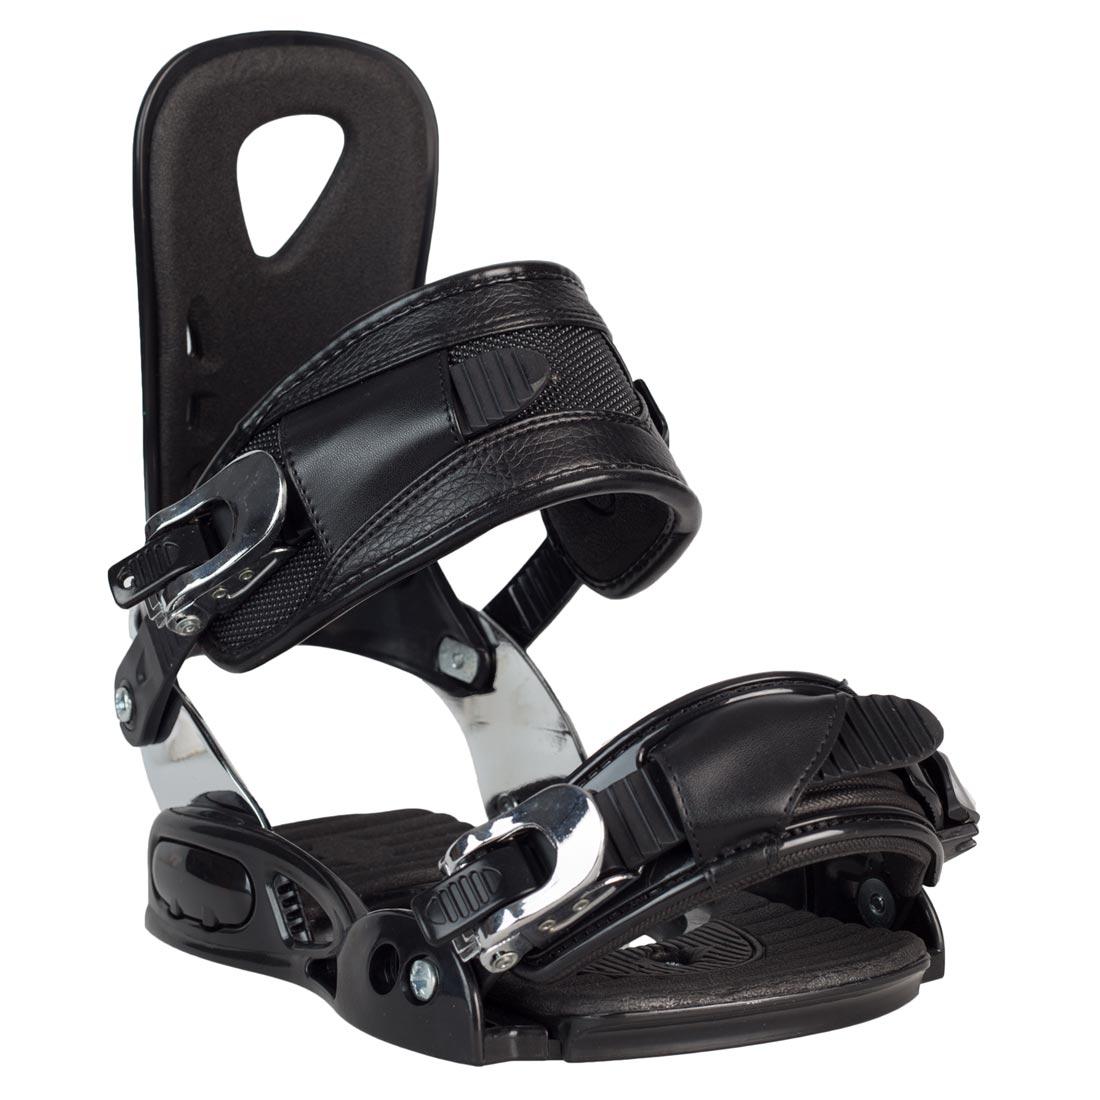 Крепления для сноуборда SMM SMS09B-PAD купить в Boardshop №1